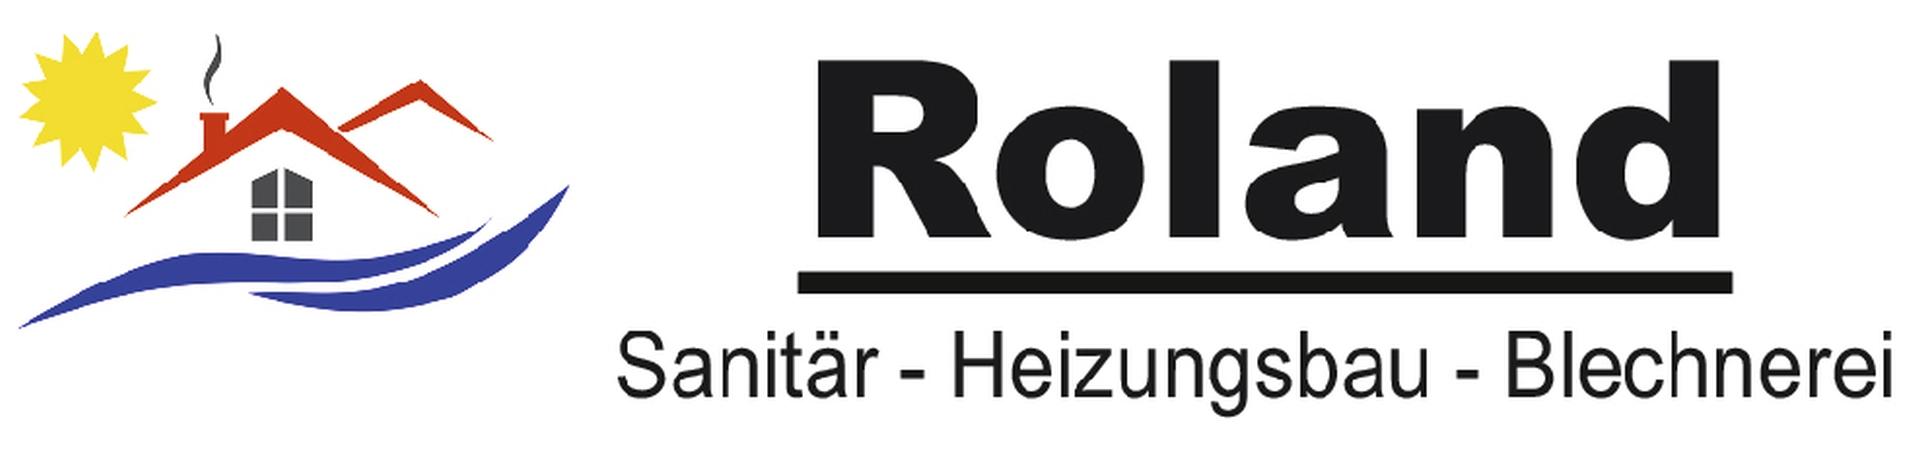 Roland Sanitär